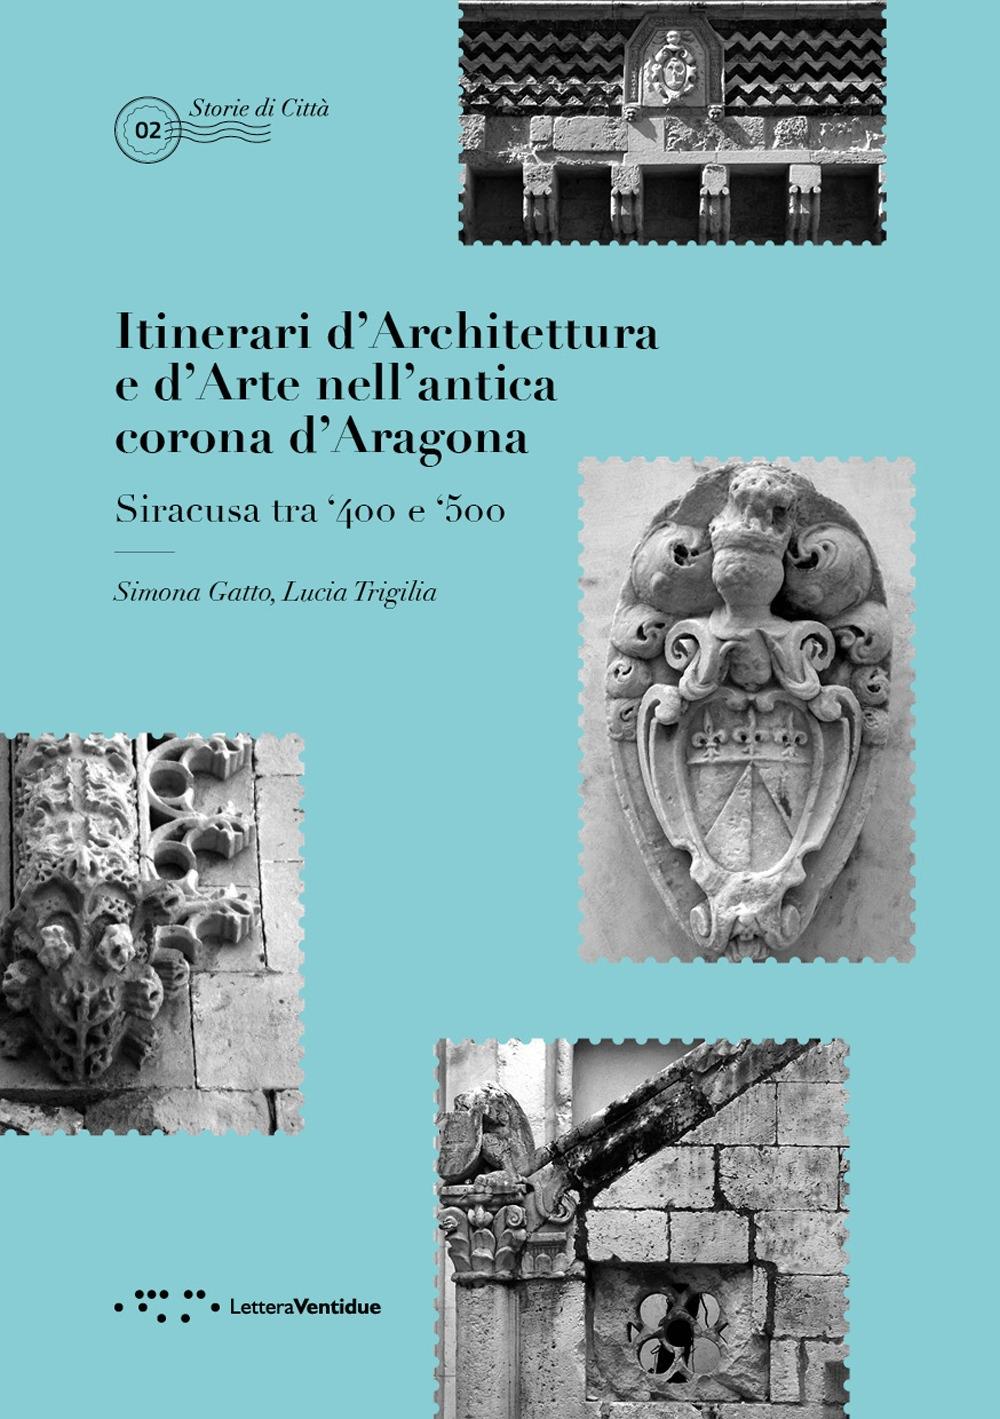 Itinerari d'architettura e d'arte nell'antica corona d'Aragona. Siracusa tra '400 e '500